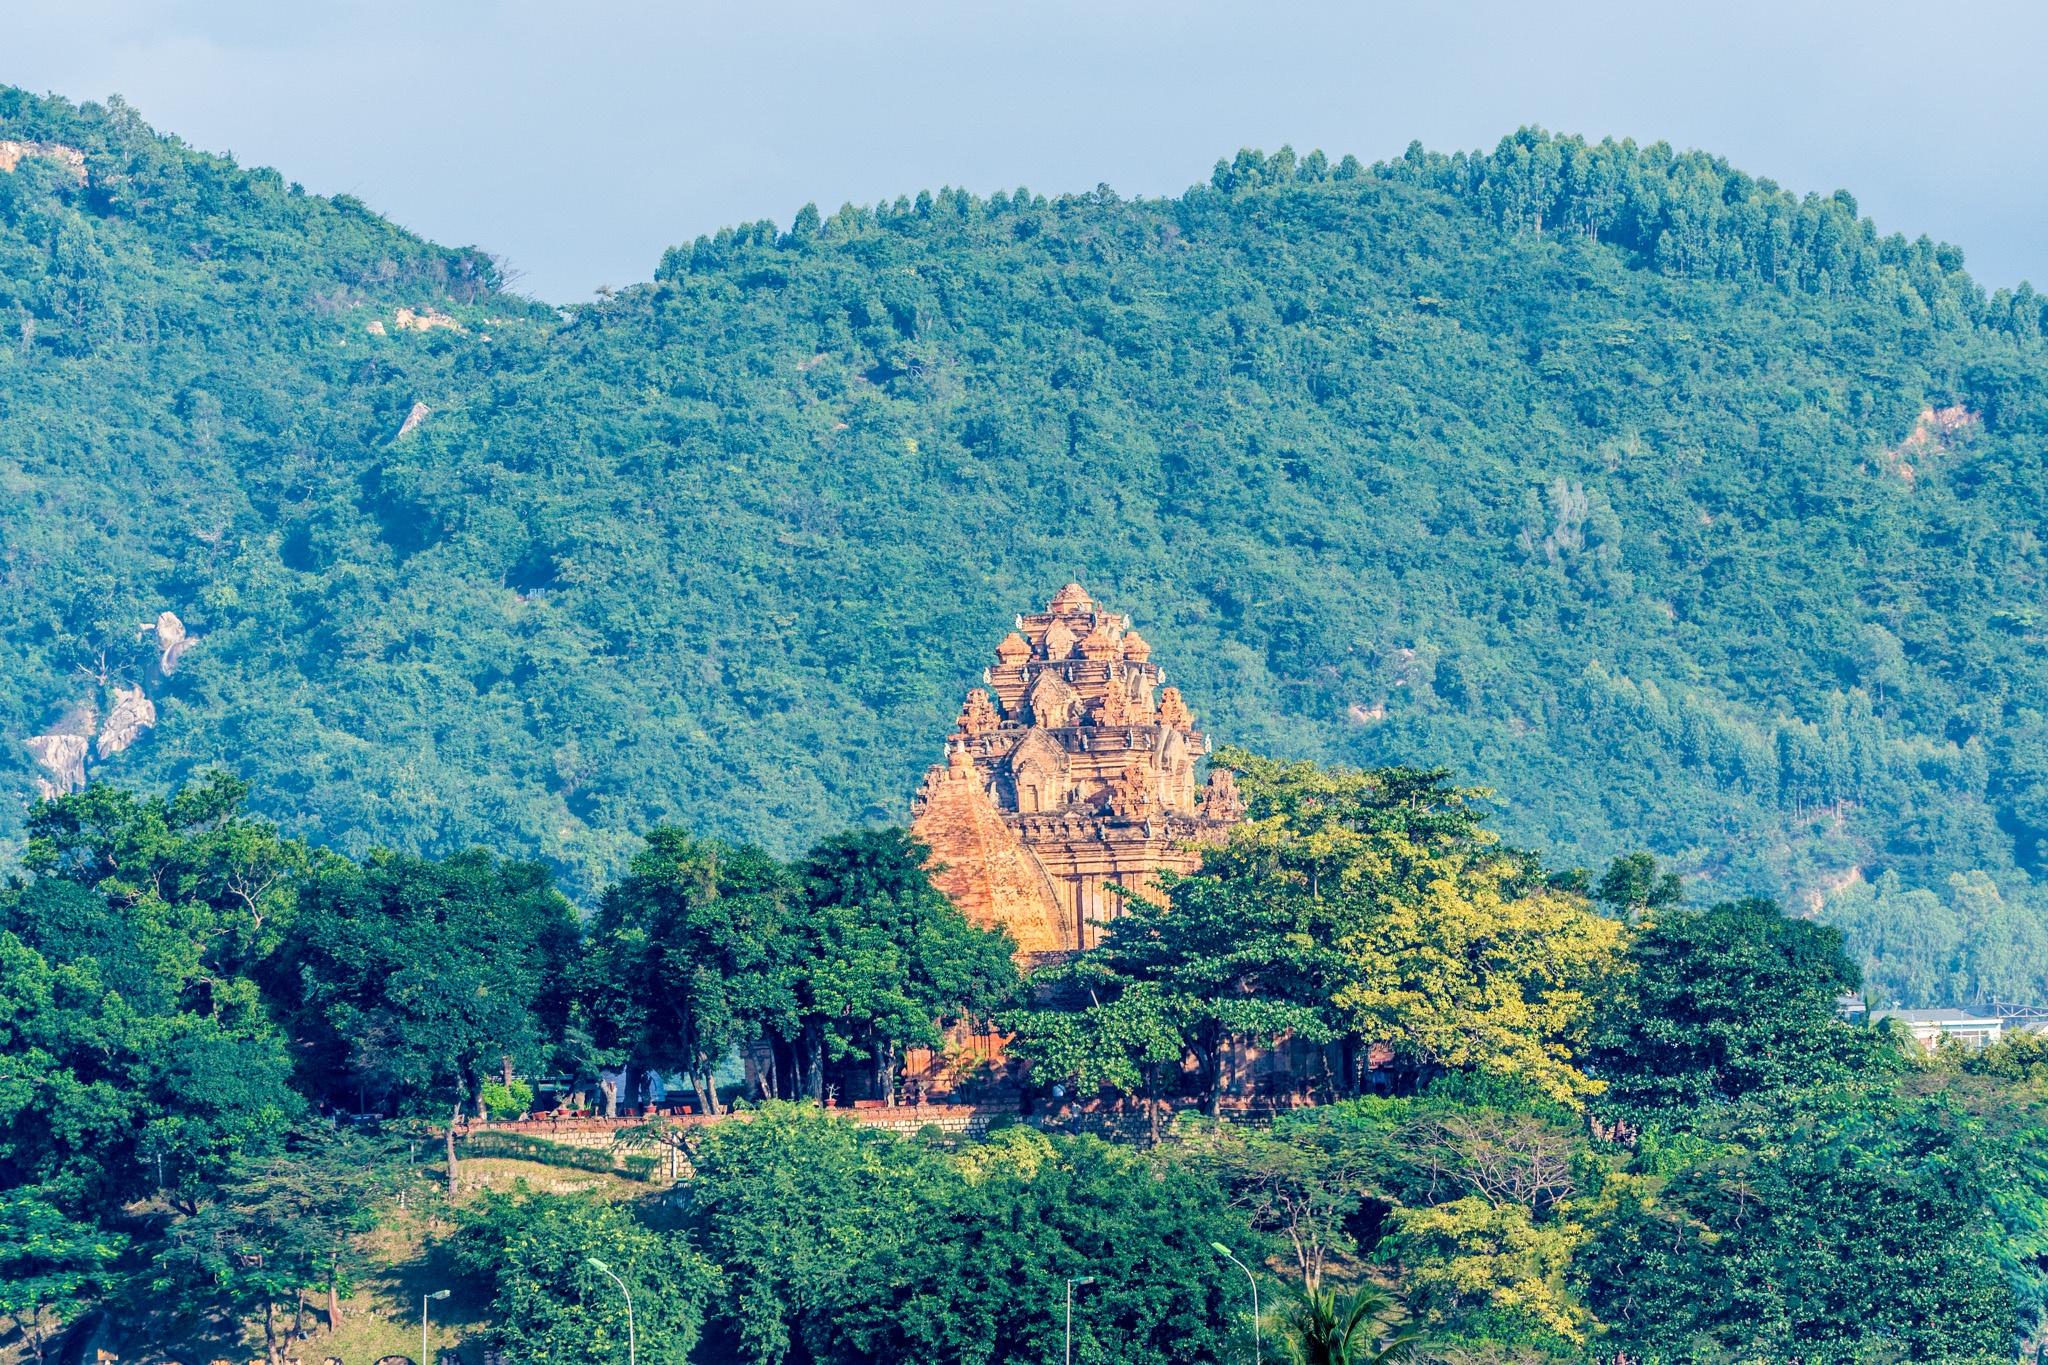 Chuyến đi mùa hè đến thiên đường biển đảo Nha Trang - Ảnh 10.